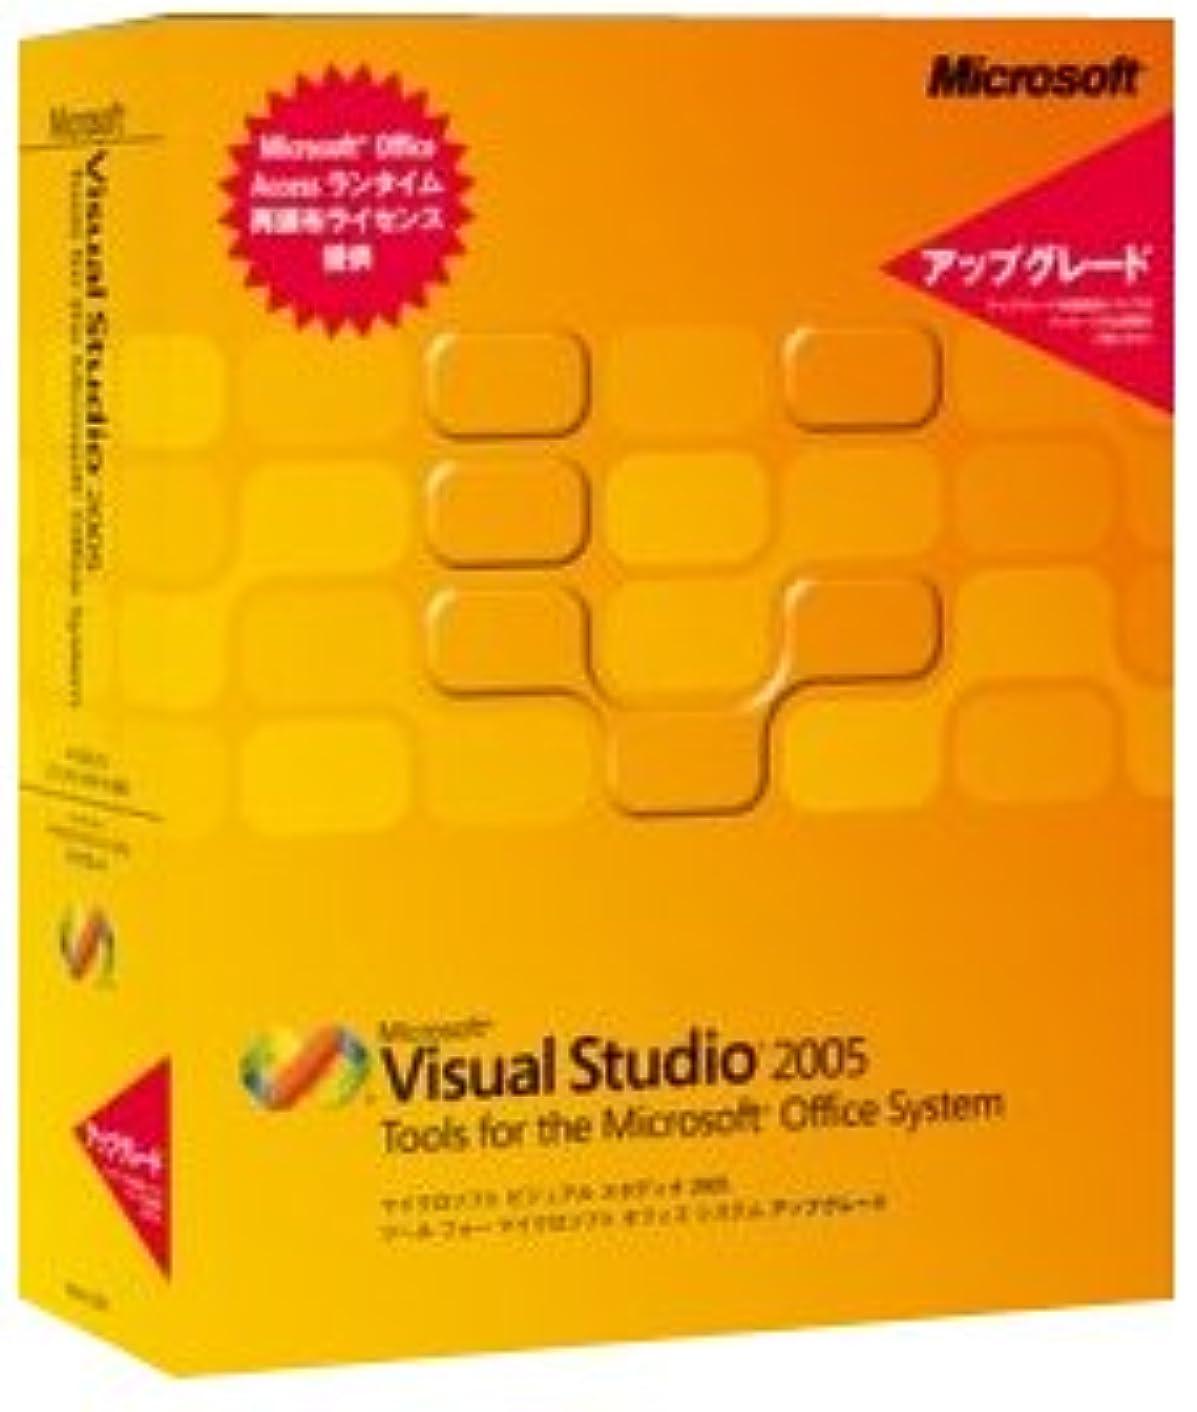 ブラウザ金曜日換気Visual Studio Tools For Office 2005 アップグレード版